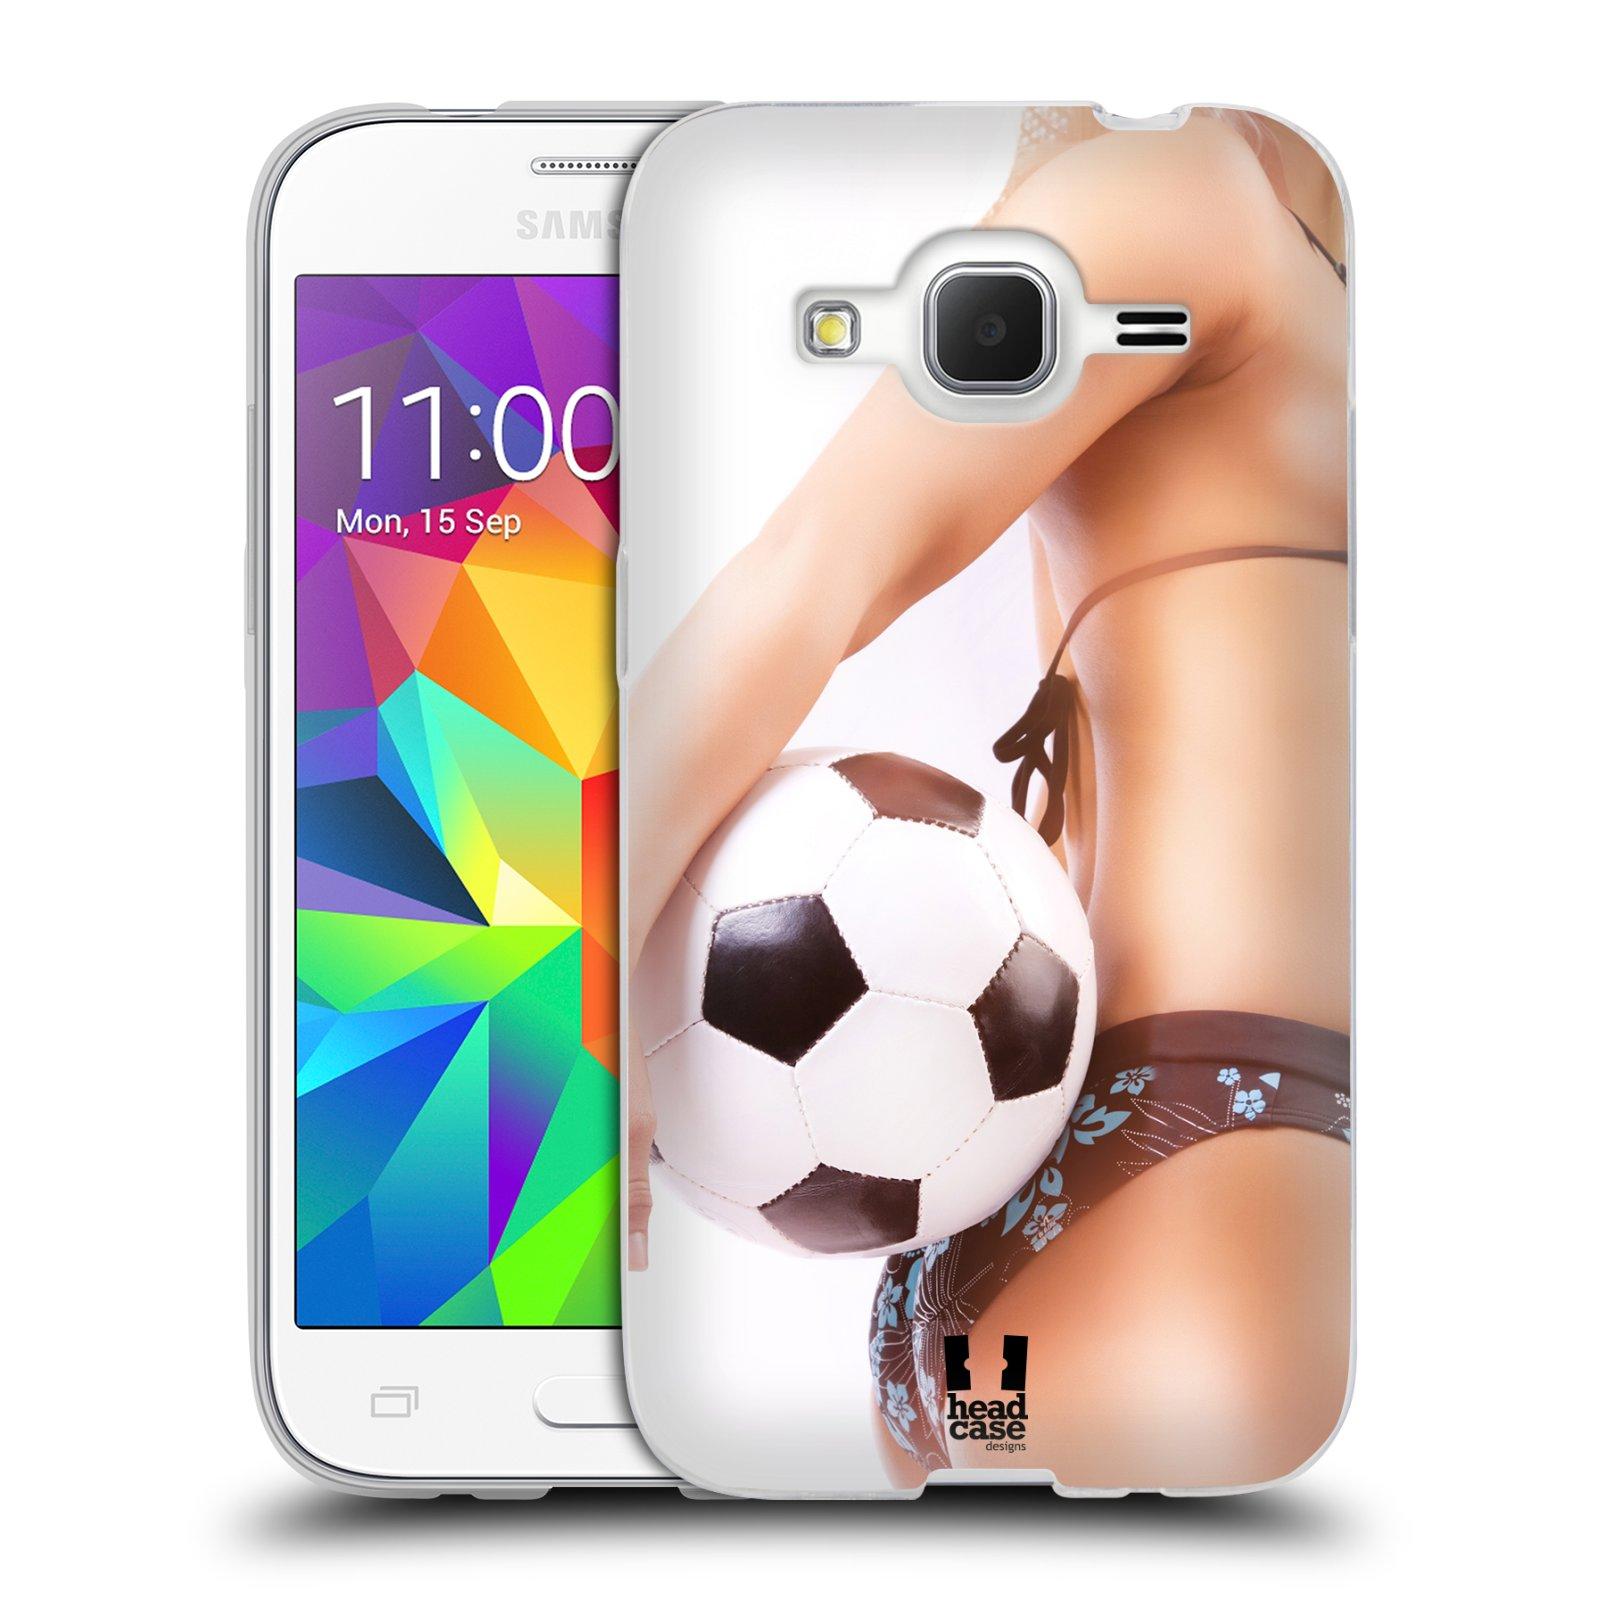 HEAD CASE silikonový obal na mobil Samsung Galaxy Core Prime (G360) vzor Fotbalové modelky KOPACÍ MÍČ